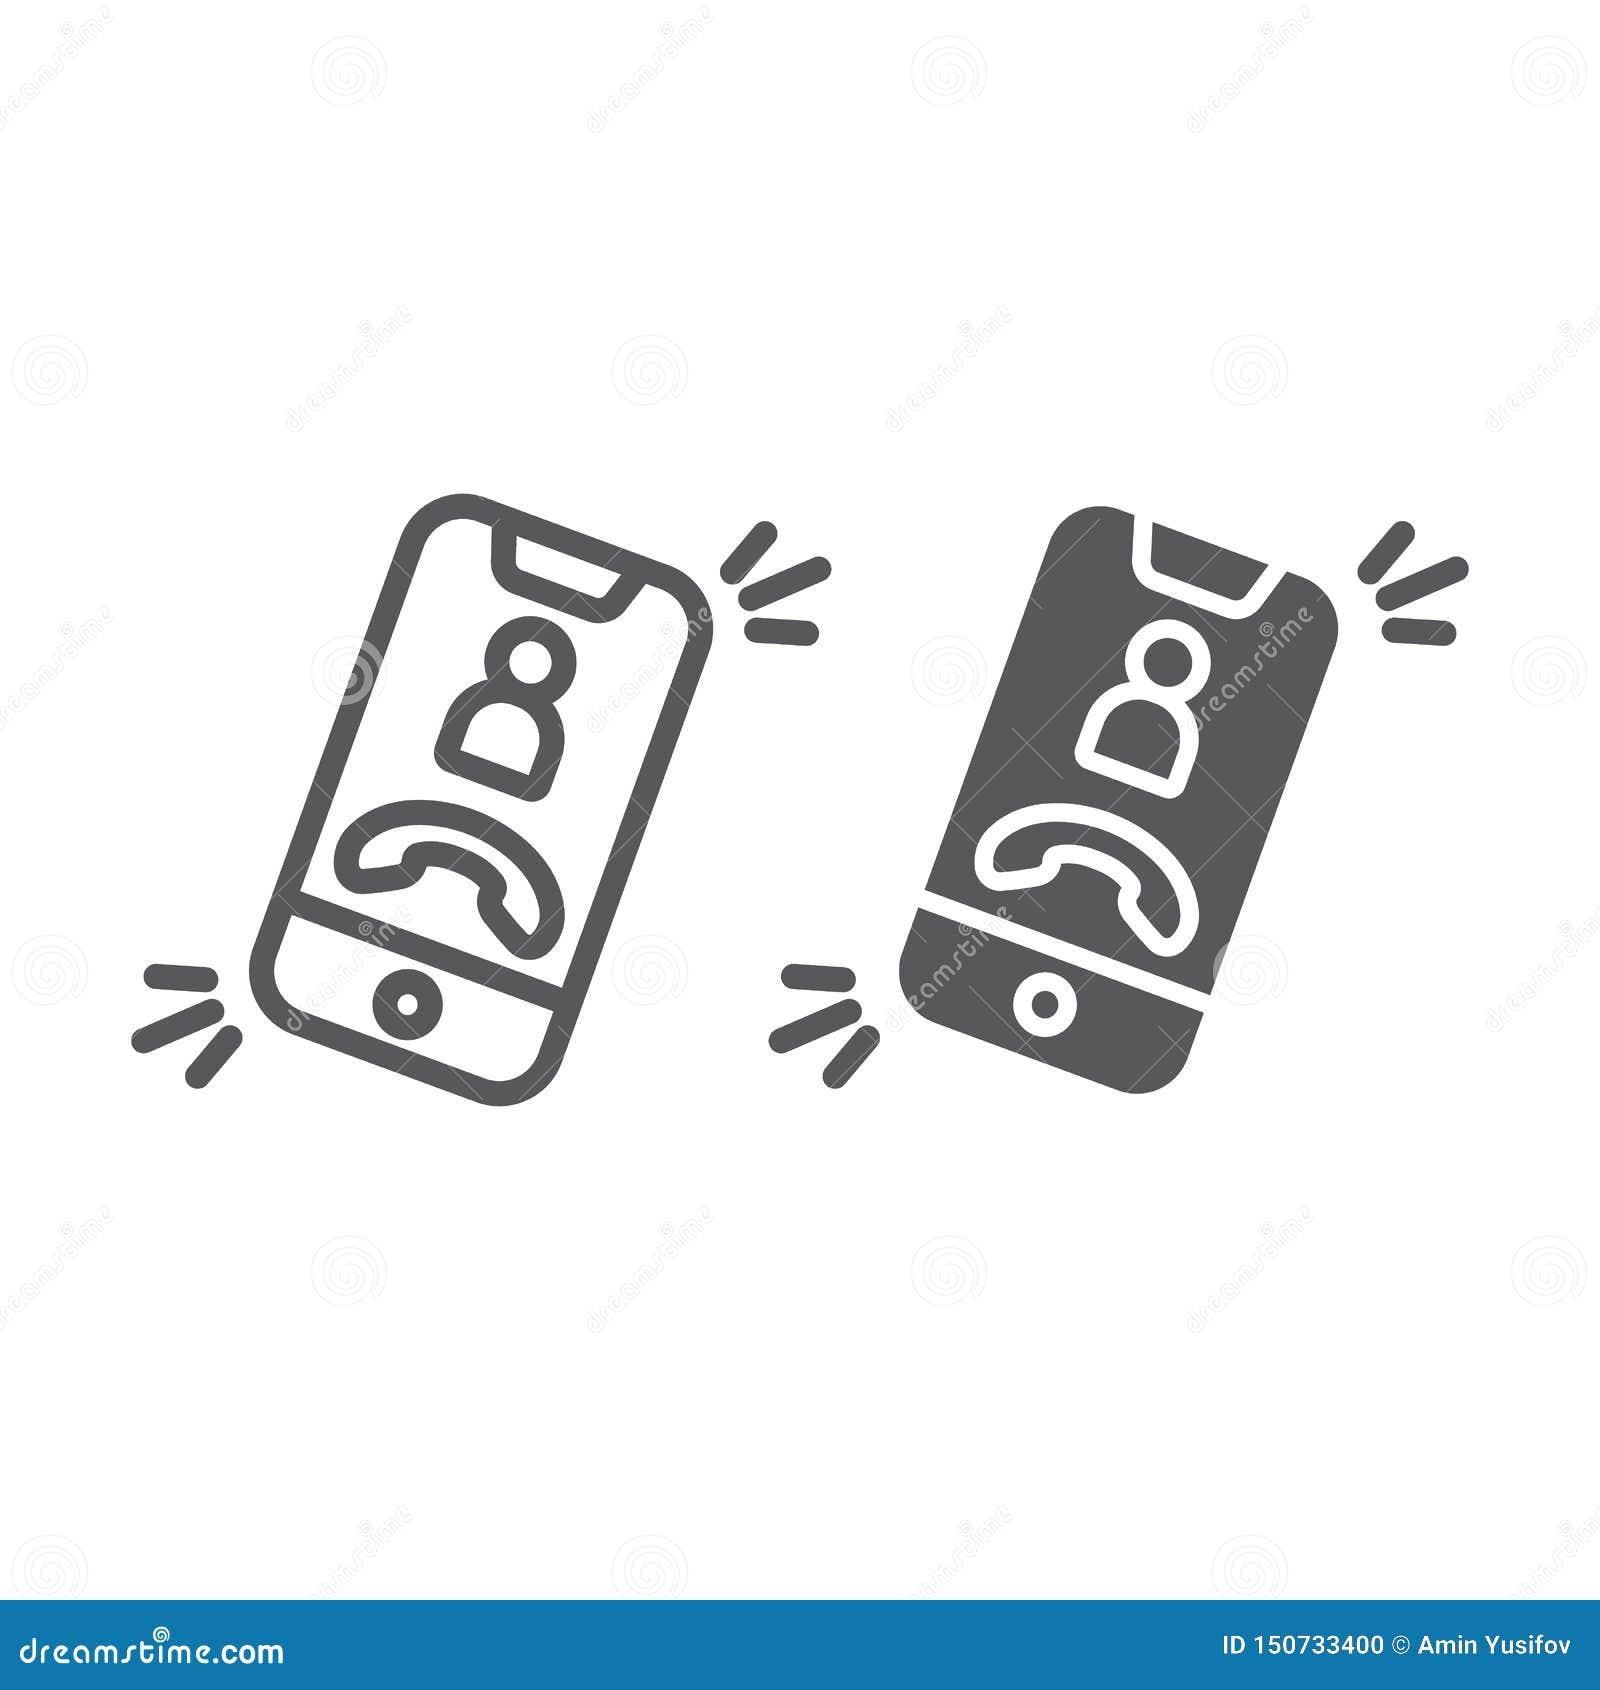 Ligne d appel téléphonique et icône de glyph, téléphone et smartphone, signe d appel d arrivée, graphiques de vecteur, un modèle